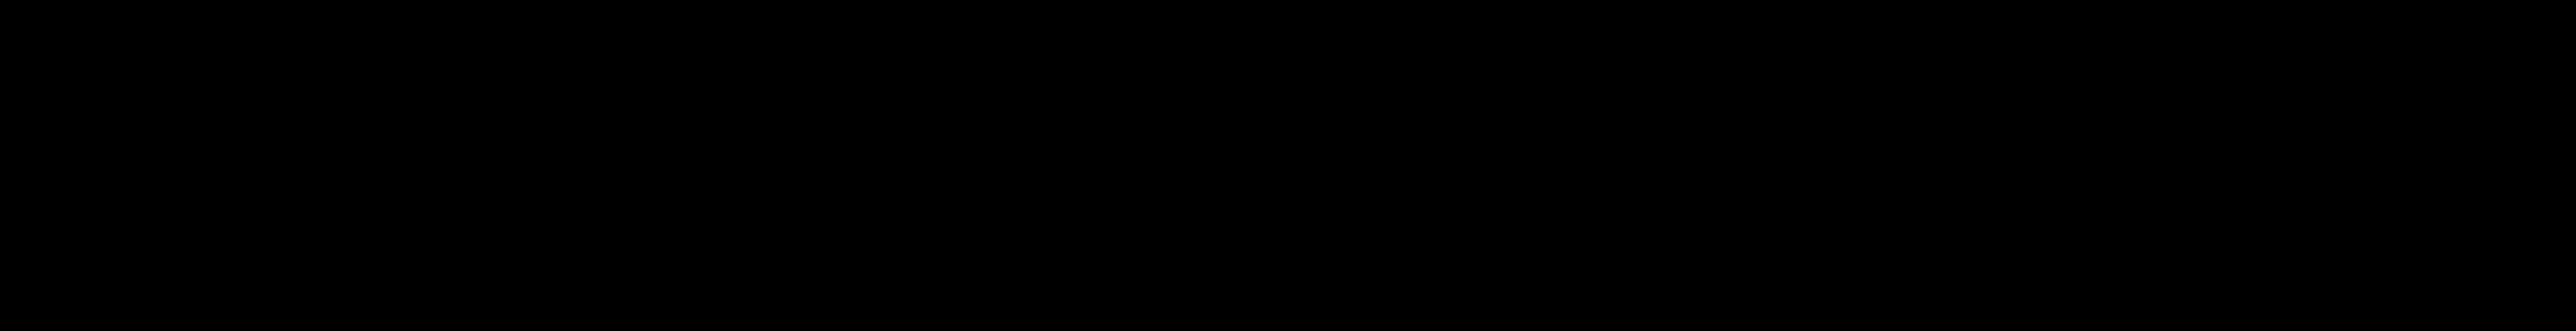 Acne Studios logo, logotype, textmark